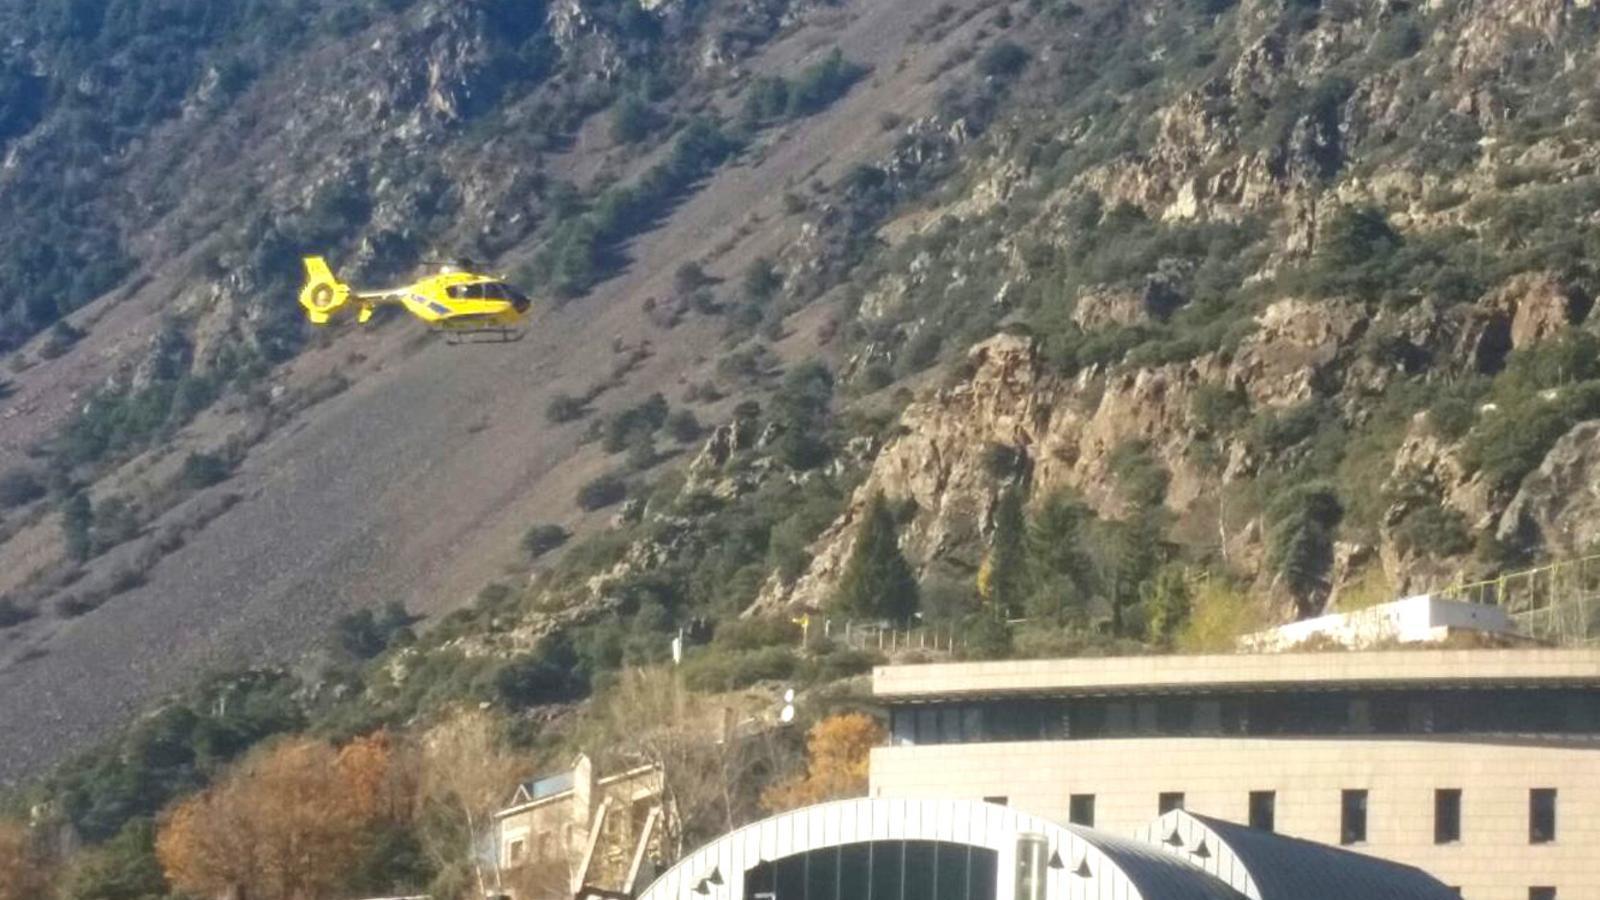 Un helicòpter arriba a l'hospital després de fer un rescat de muntanya. / ARXIU ANA